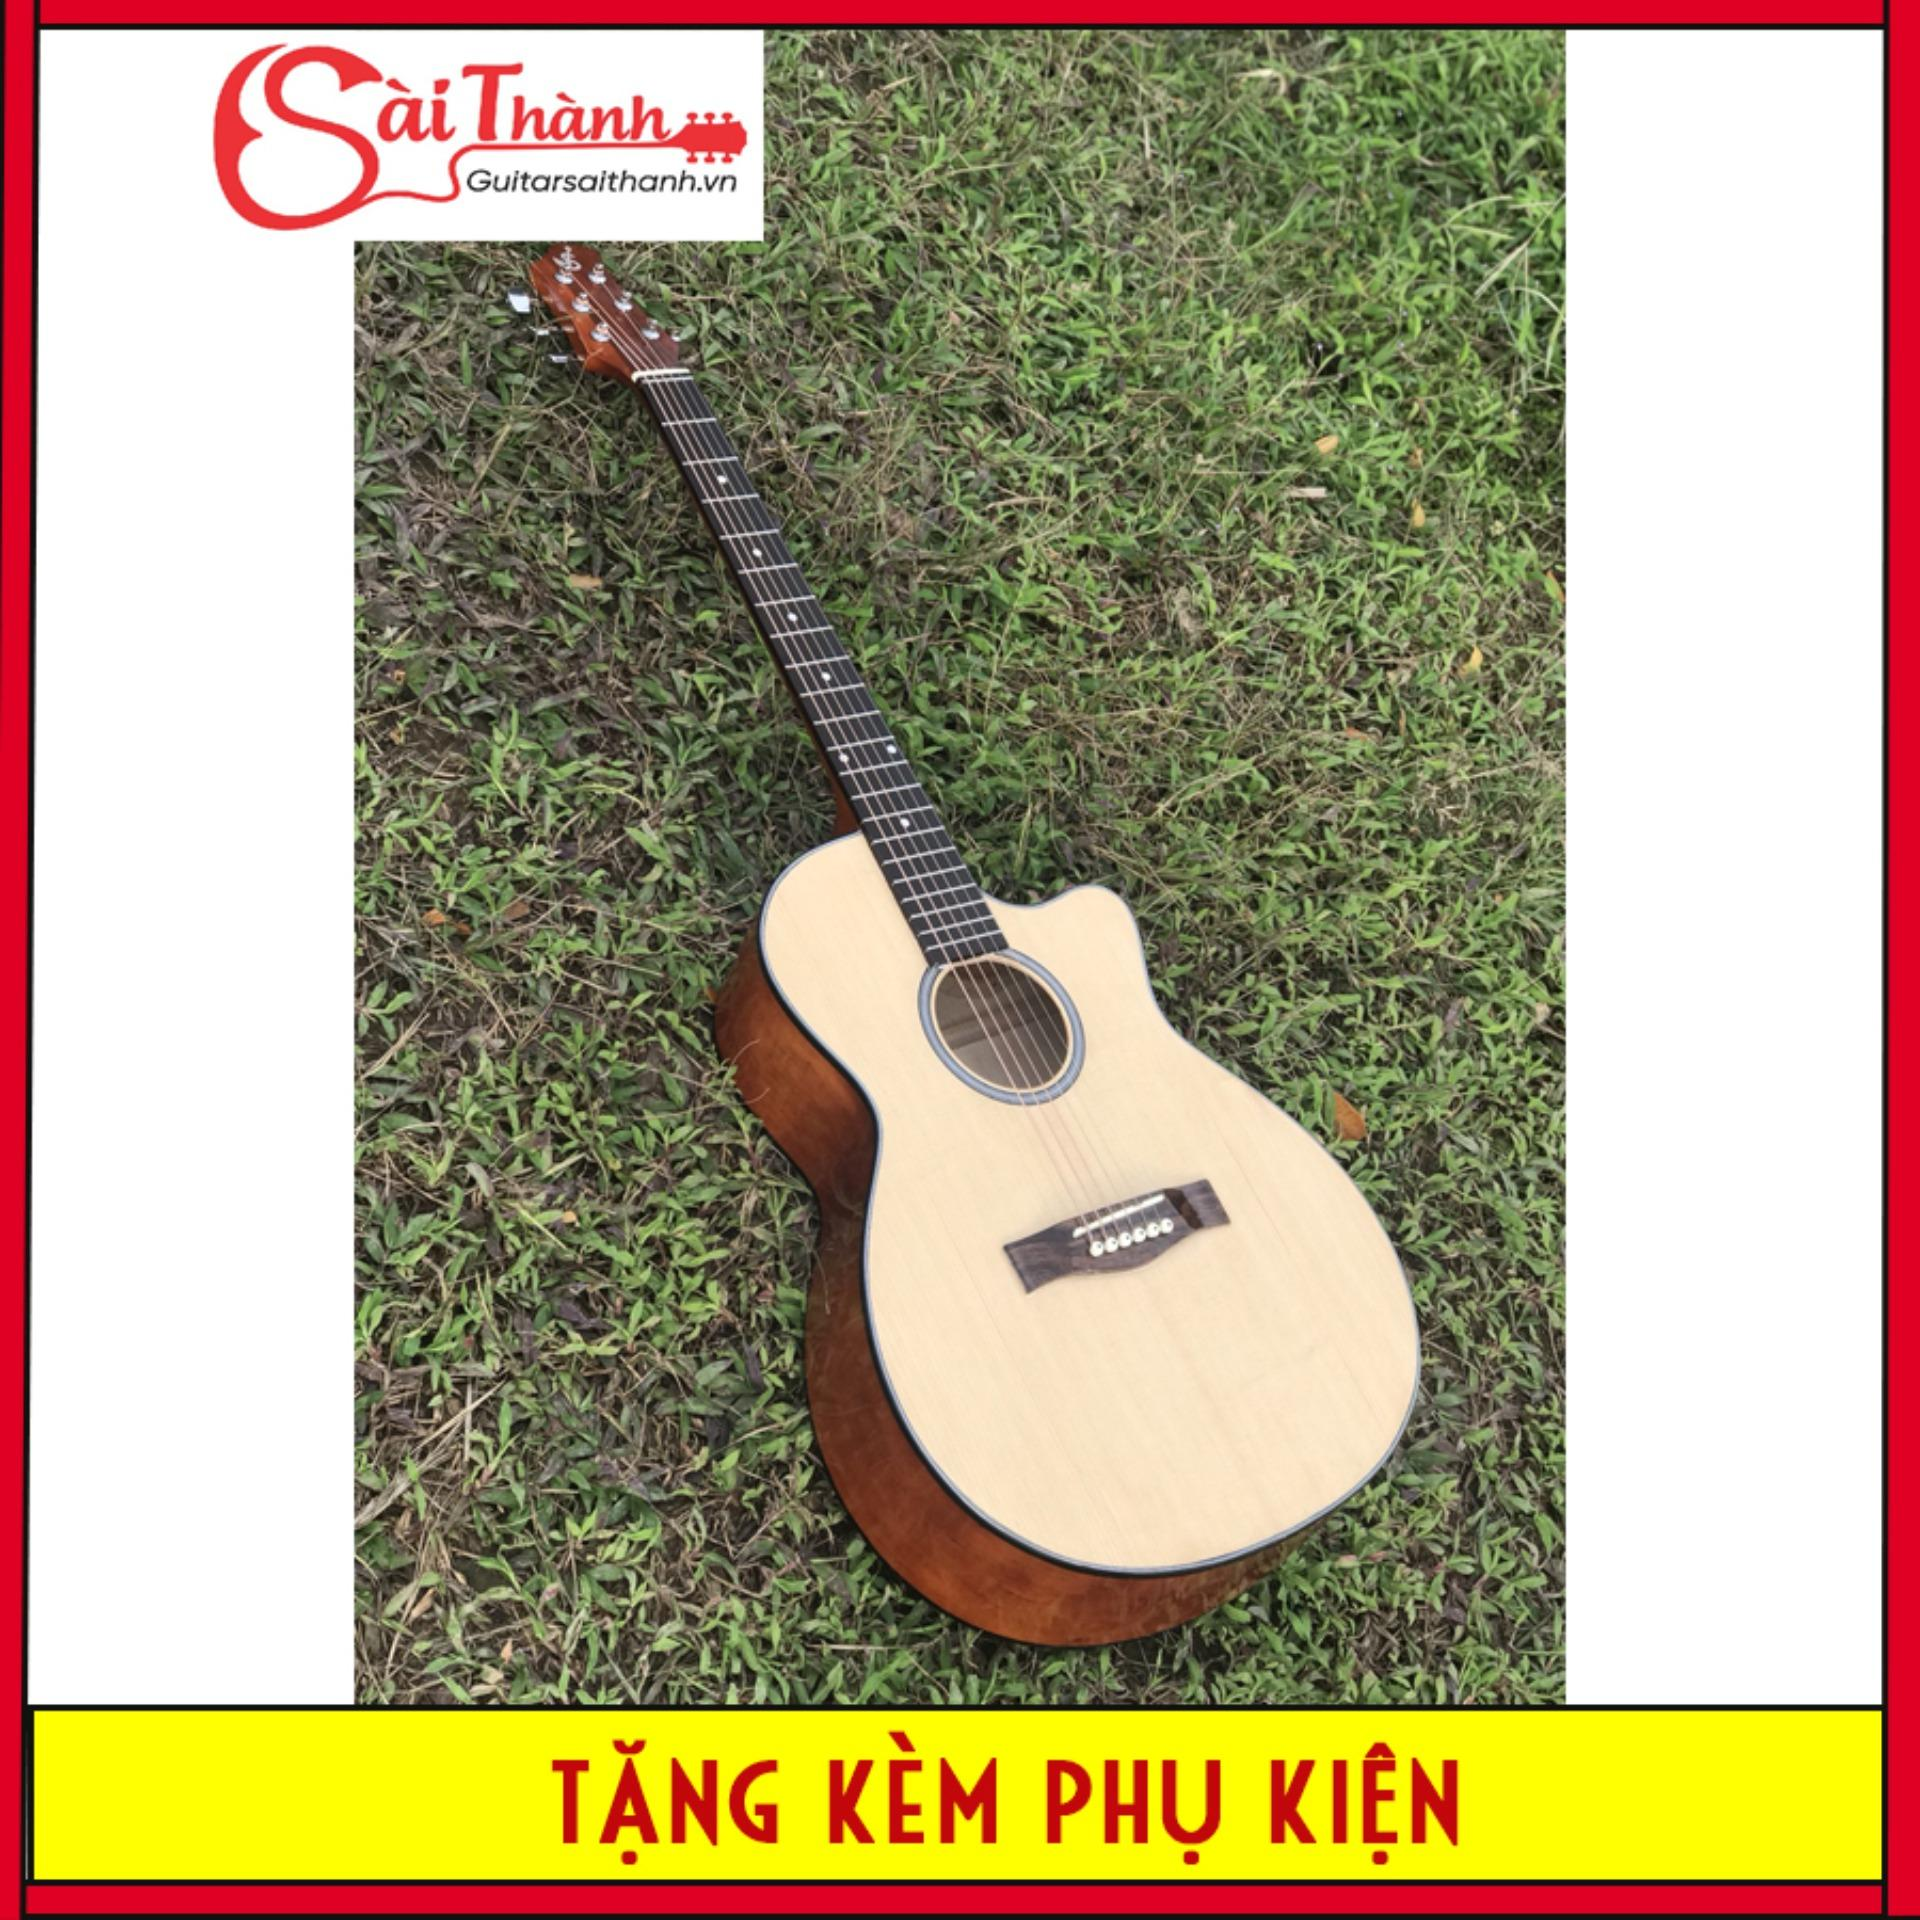 Đàn guitar acoustic dáng A full size lớn nhất tặng kèm phụ kiện